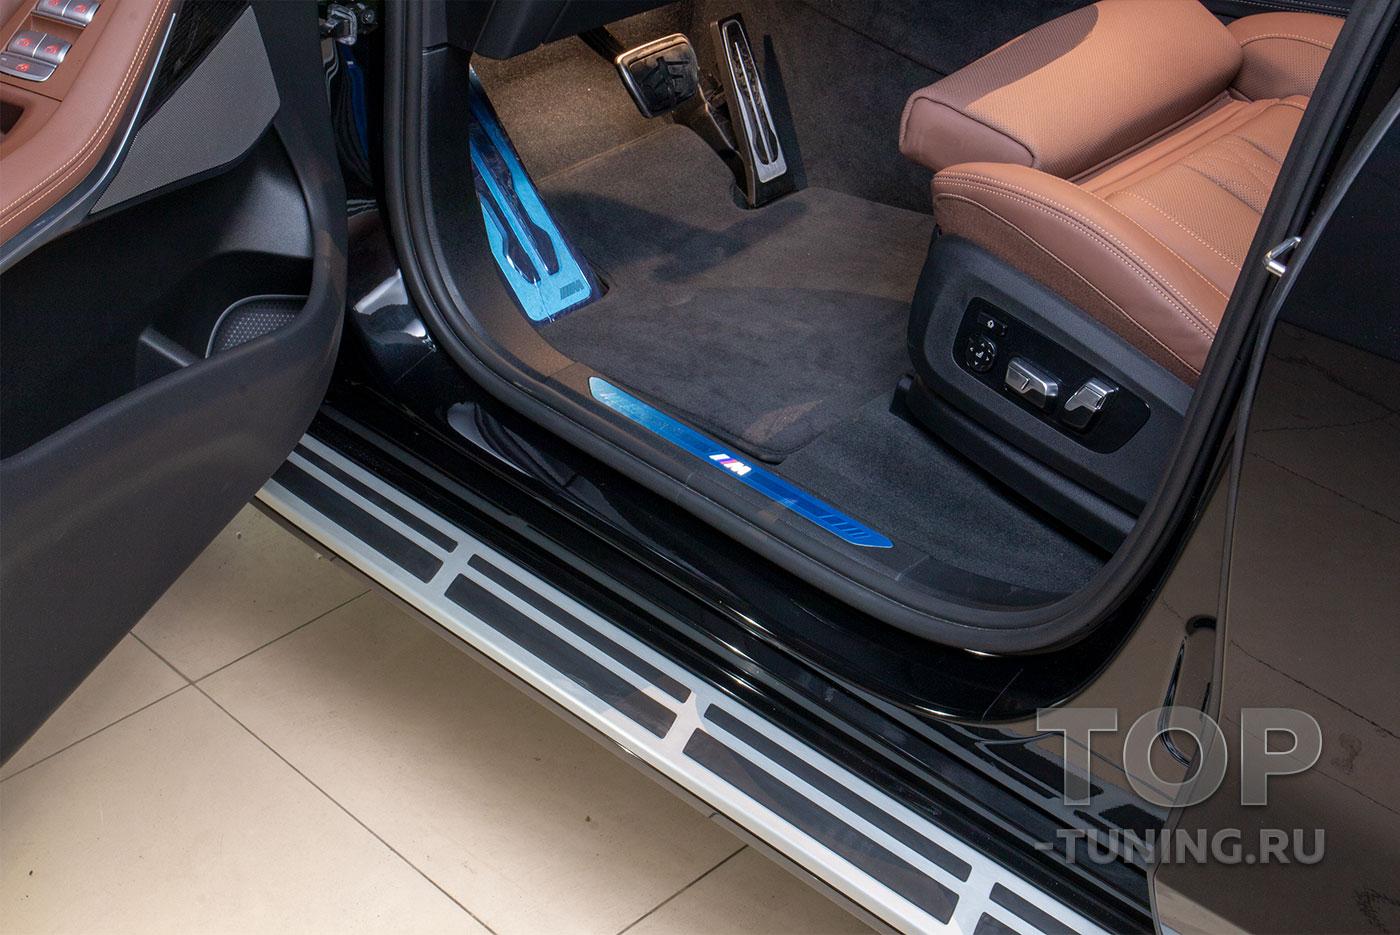 10269 Оригинальные пороги-ступени для BMW X7